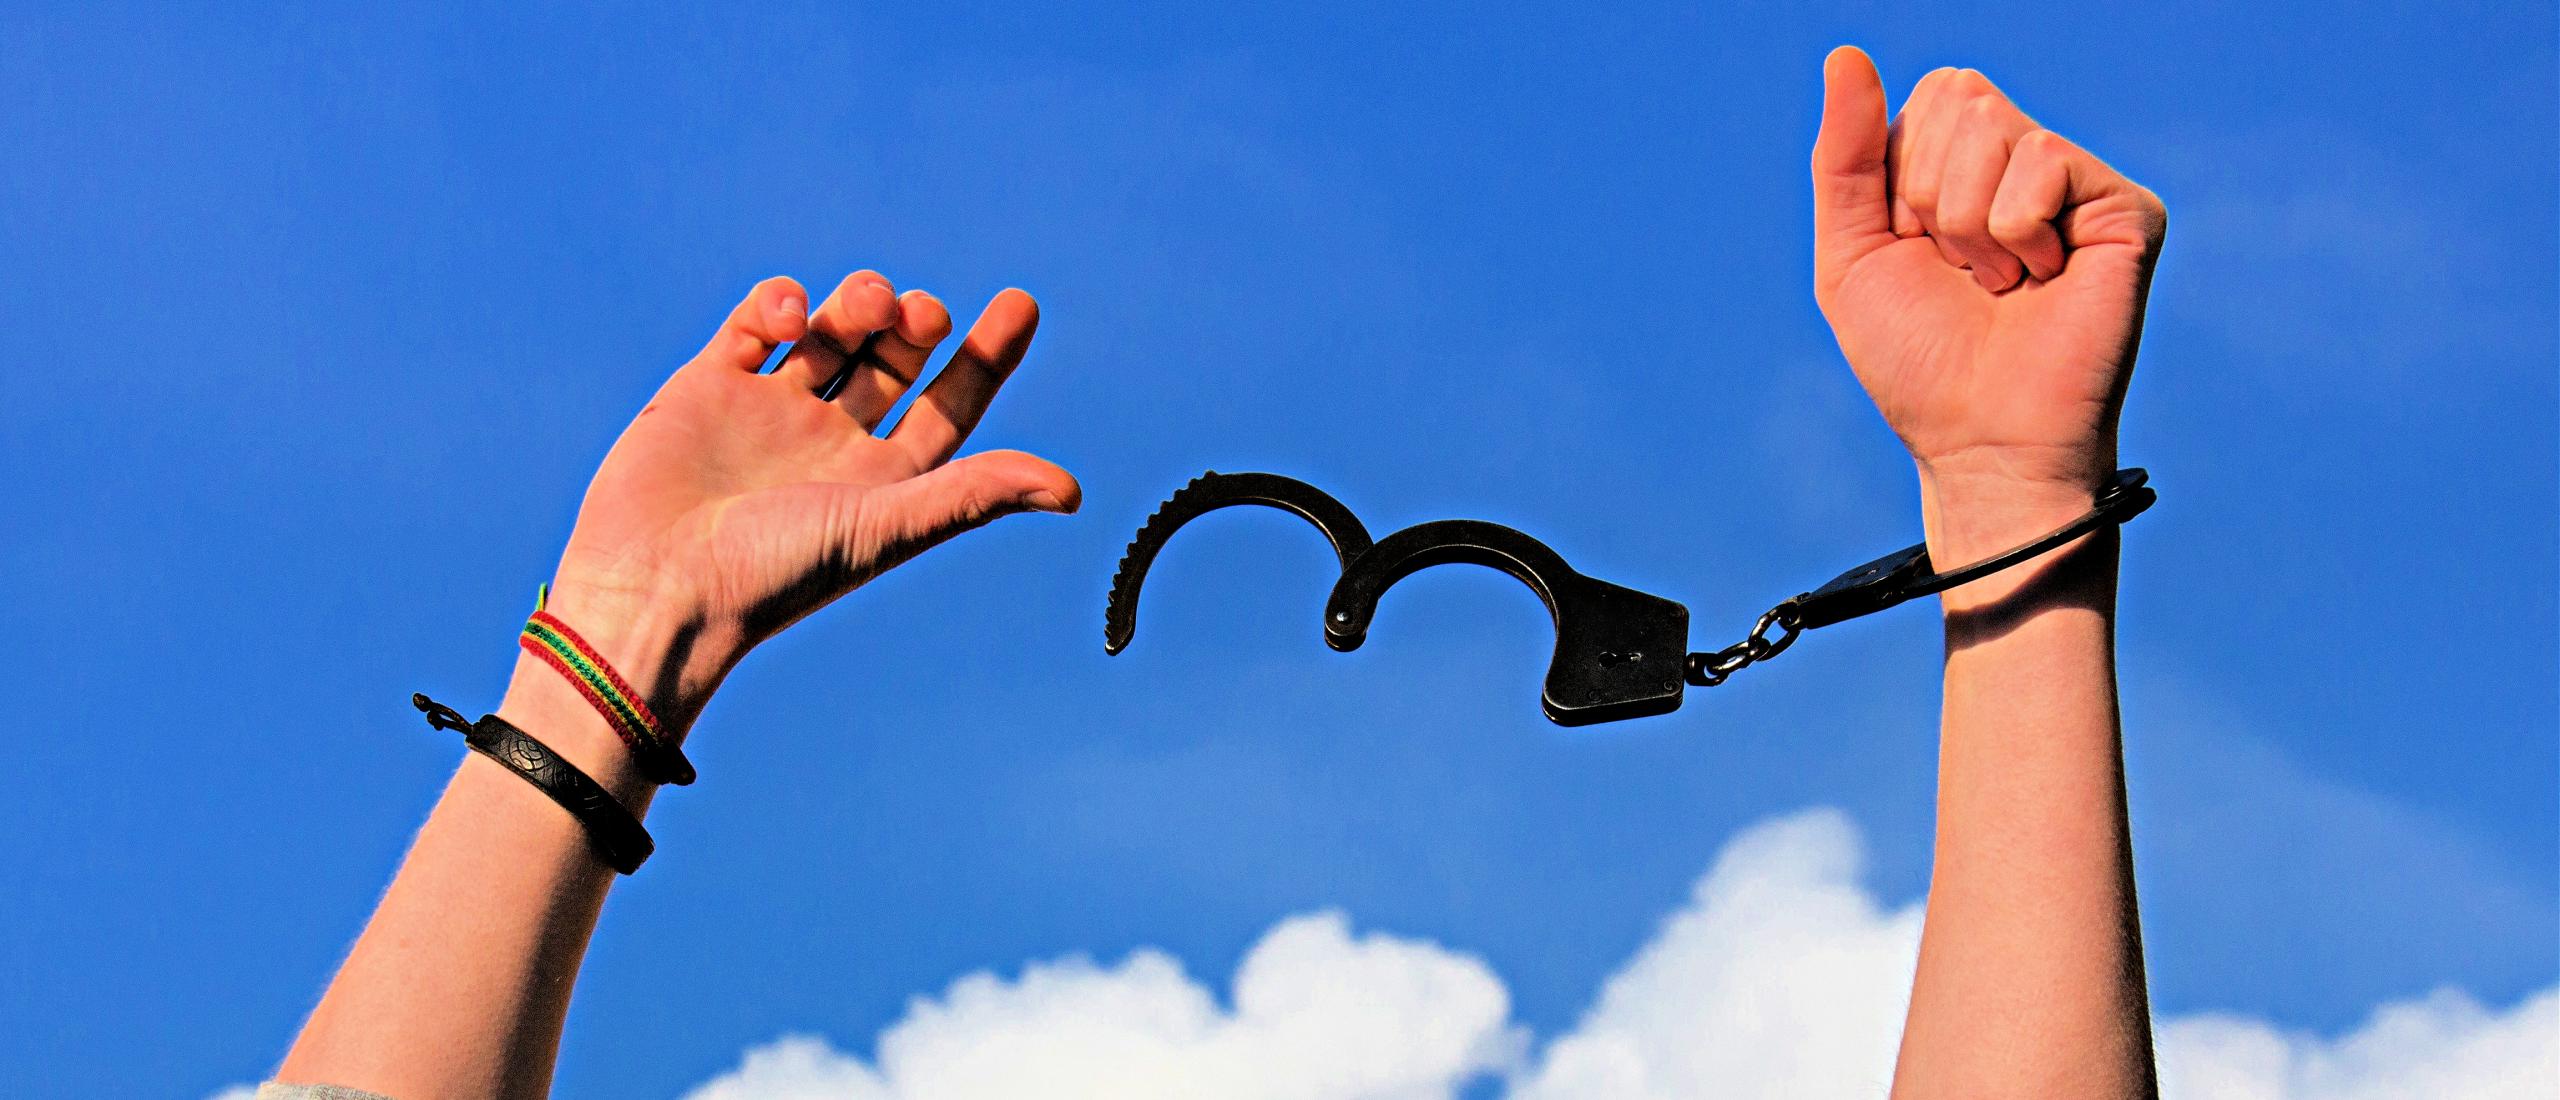 Van tweede hands ziel naar vrijheid